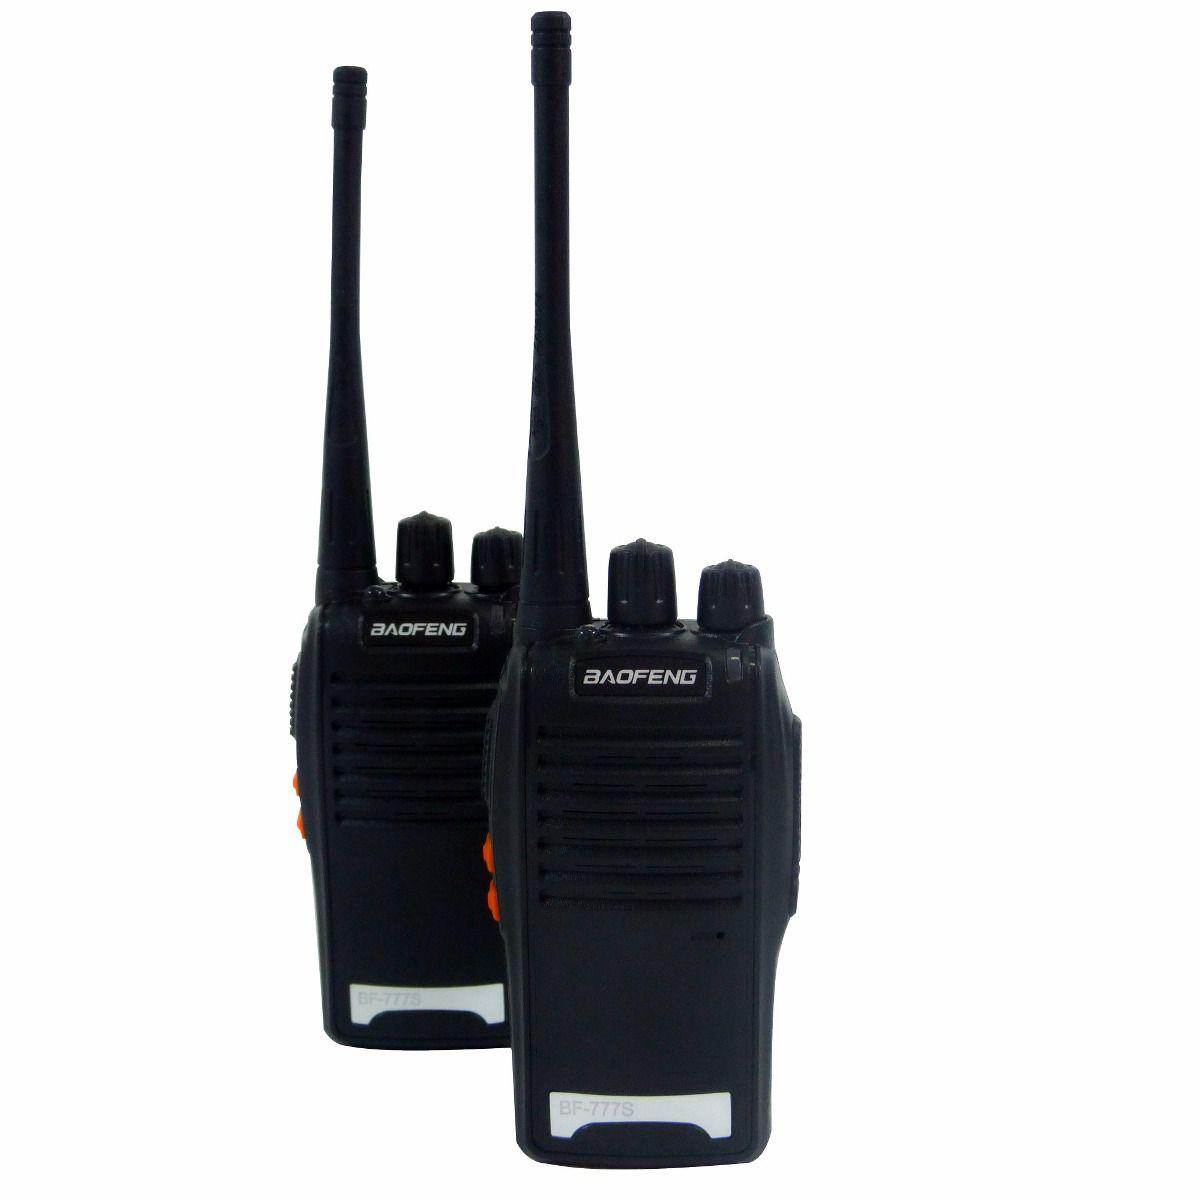 Radio Comunicador um par Uhf/Vhf Walkie-Talkie 5KM com 2 fone de ouvido Baofeng BF-777s